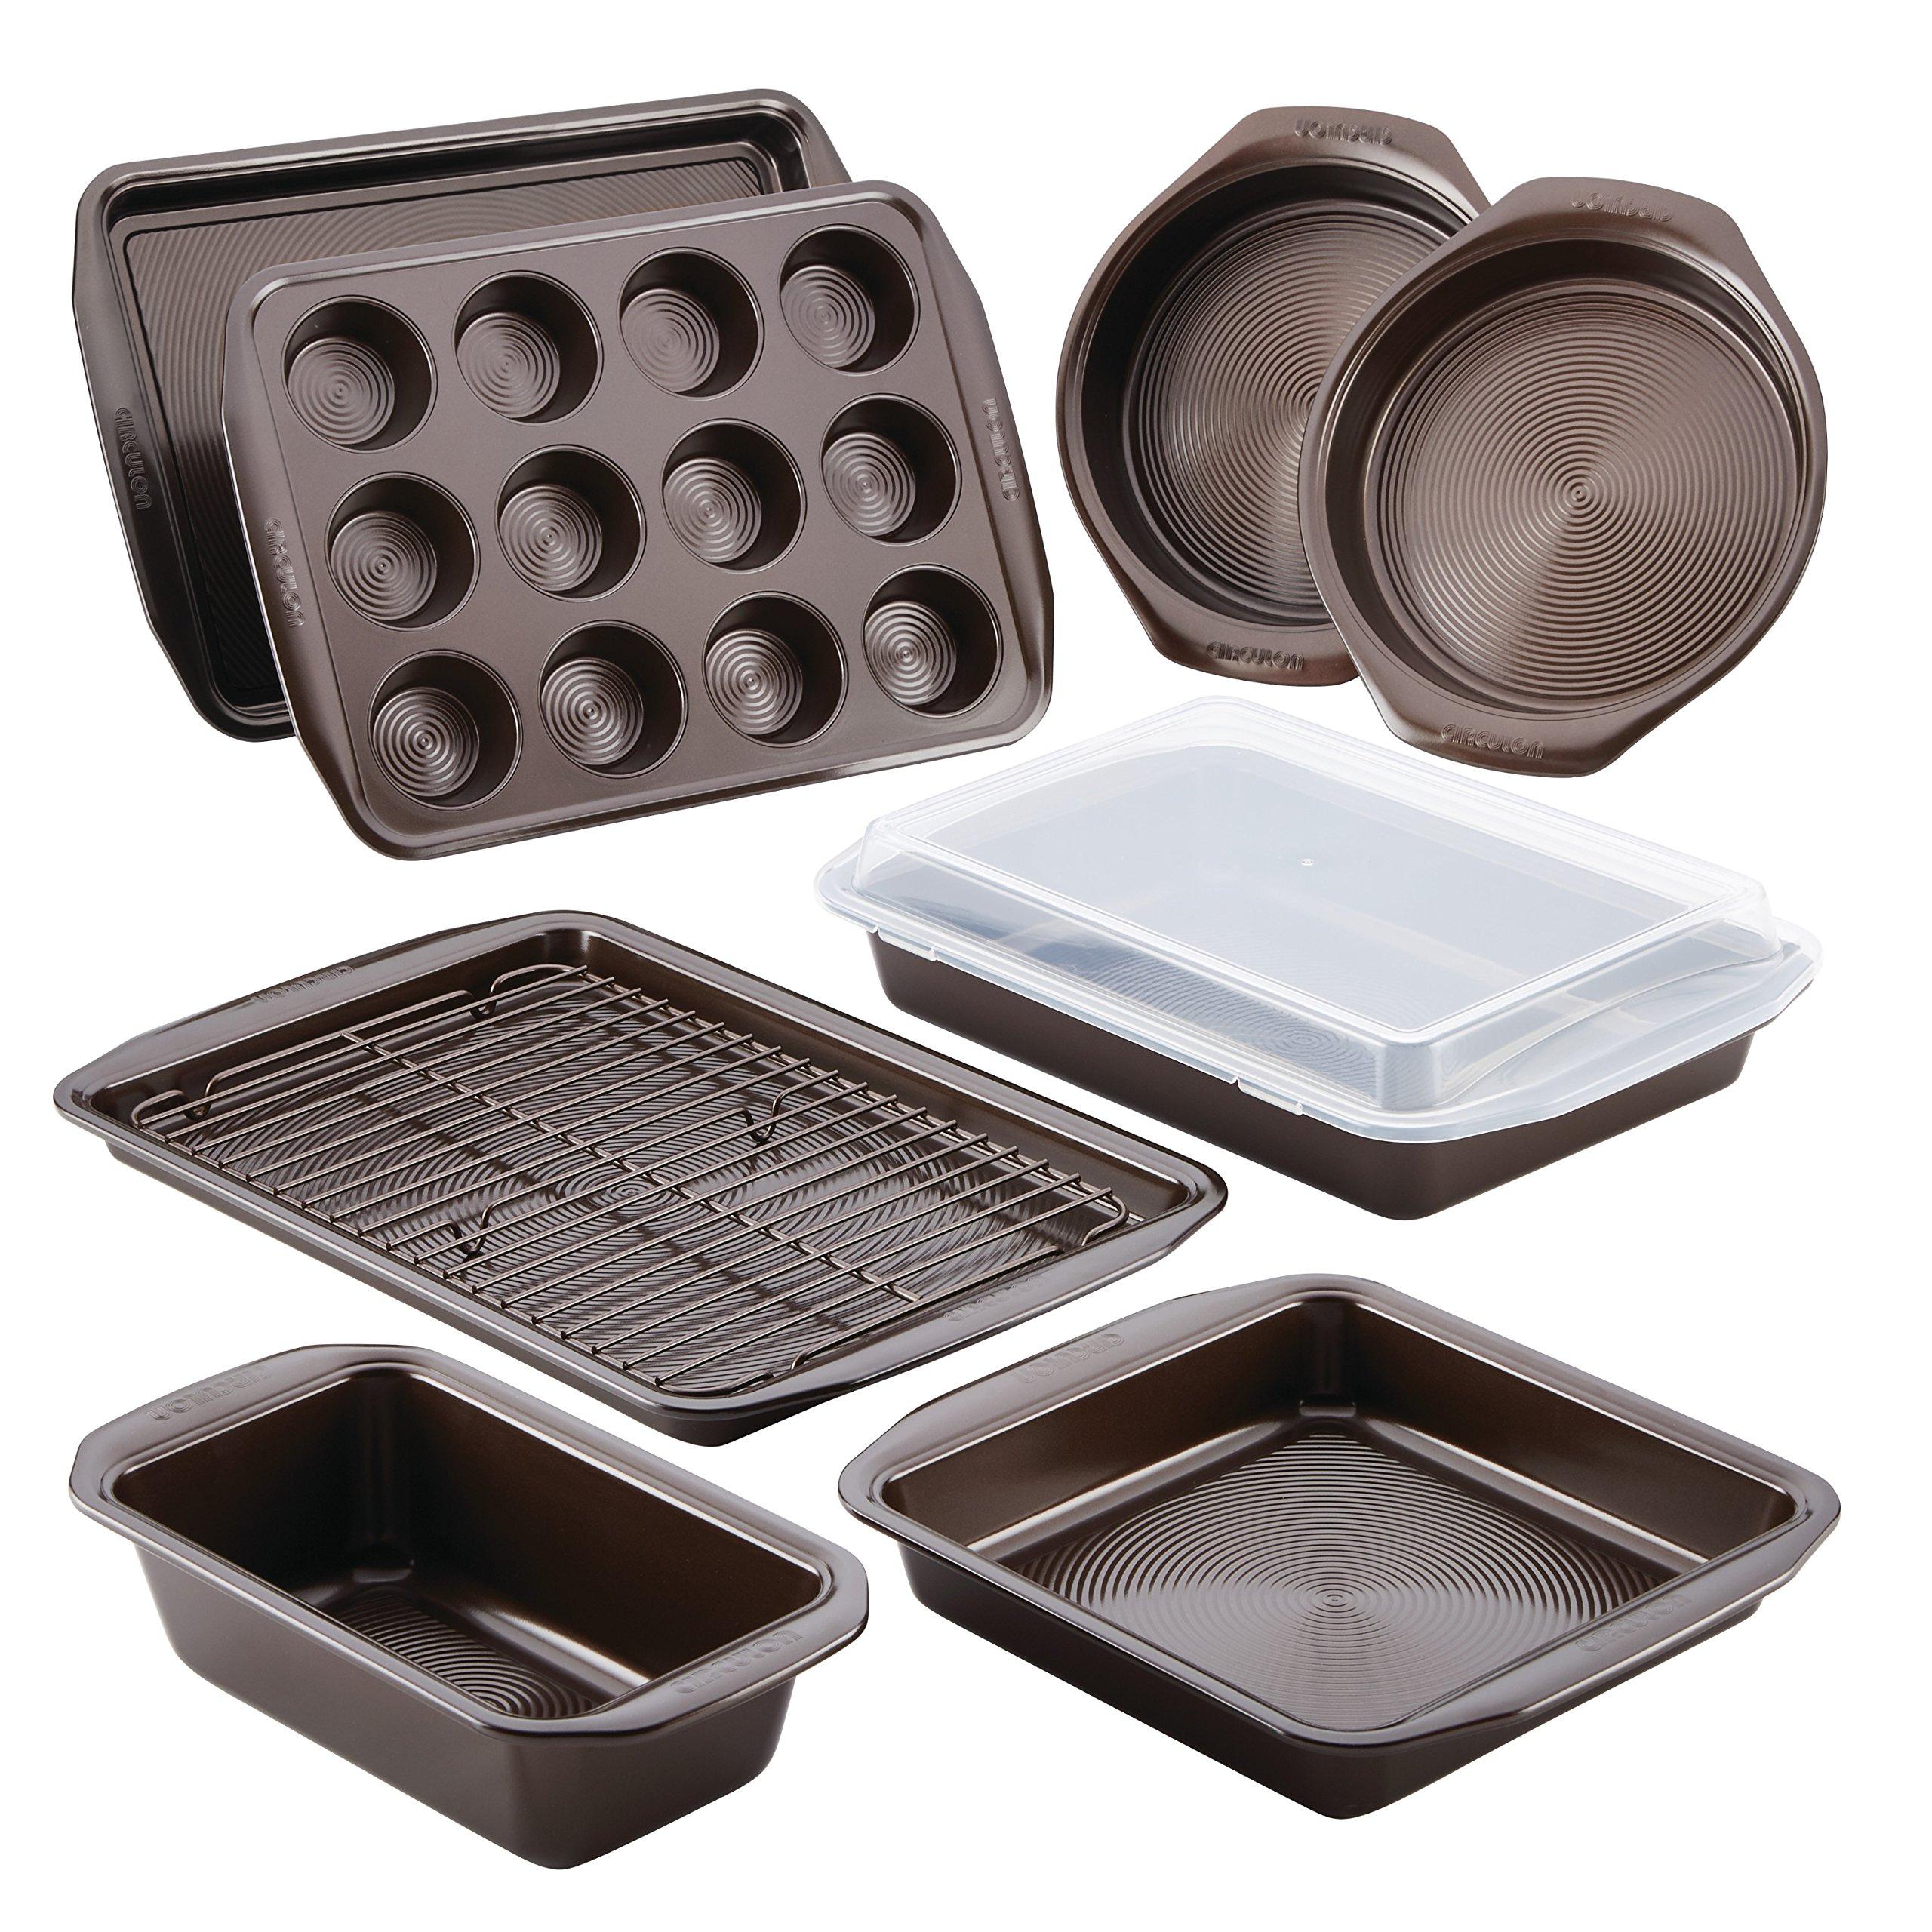 Circulon Nonstick Bakeware 10-Piece Bakeware Set, Chocolate Brown by Circulon